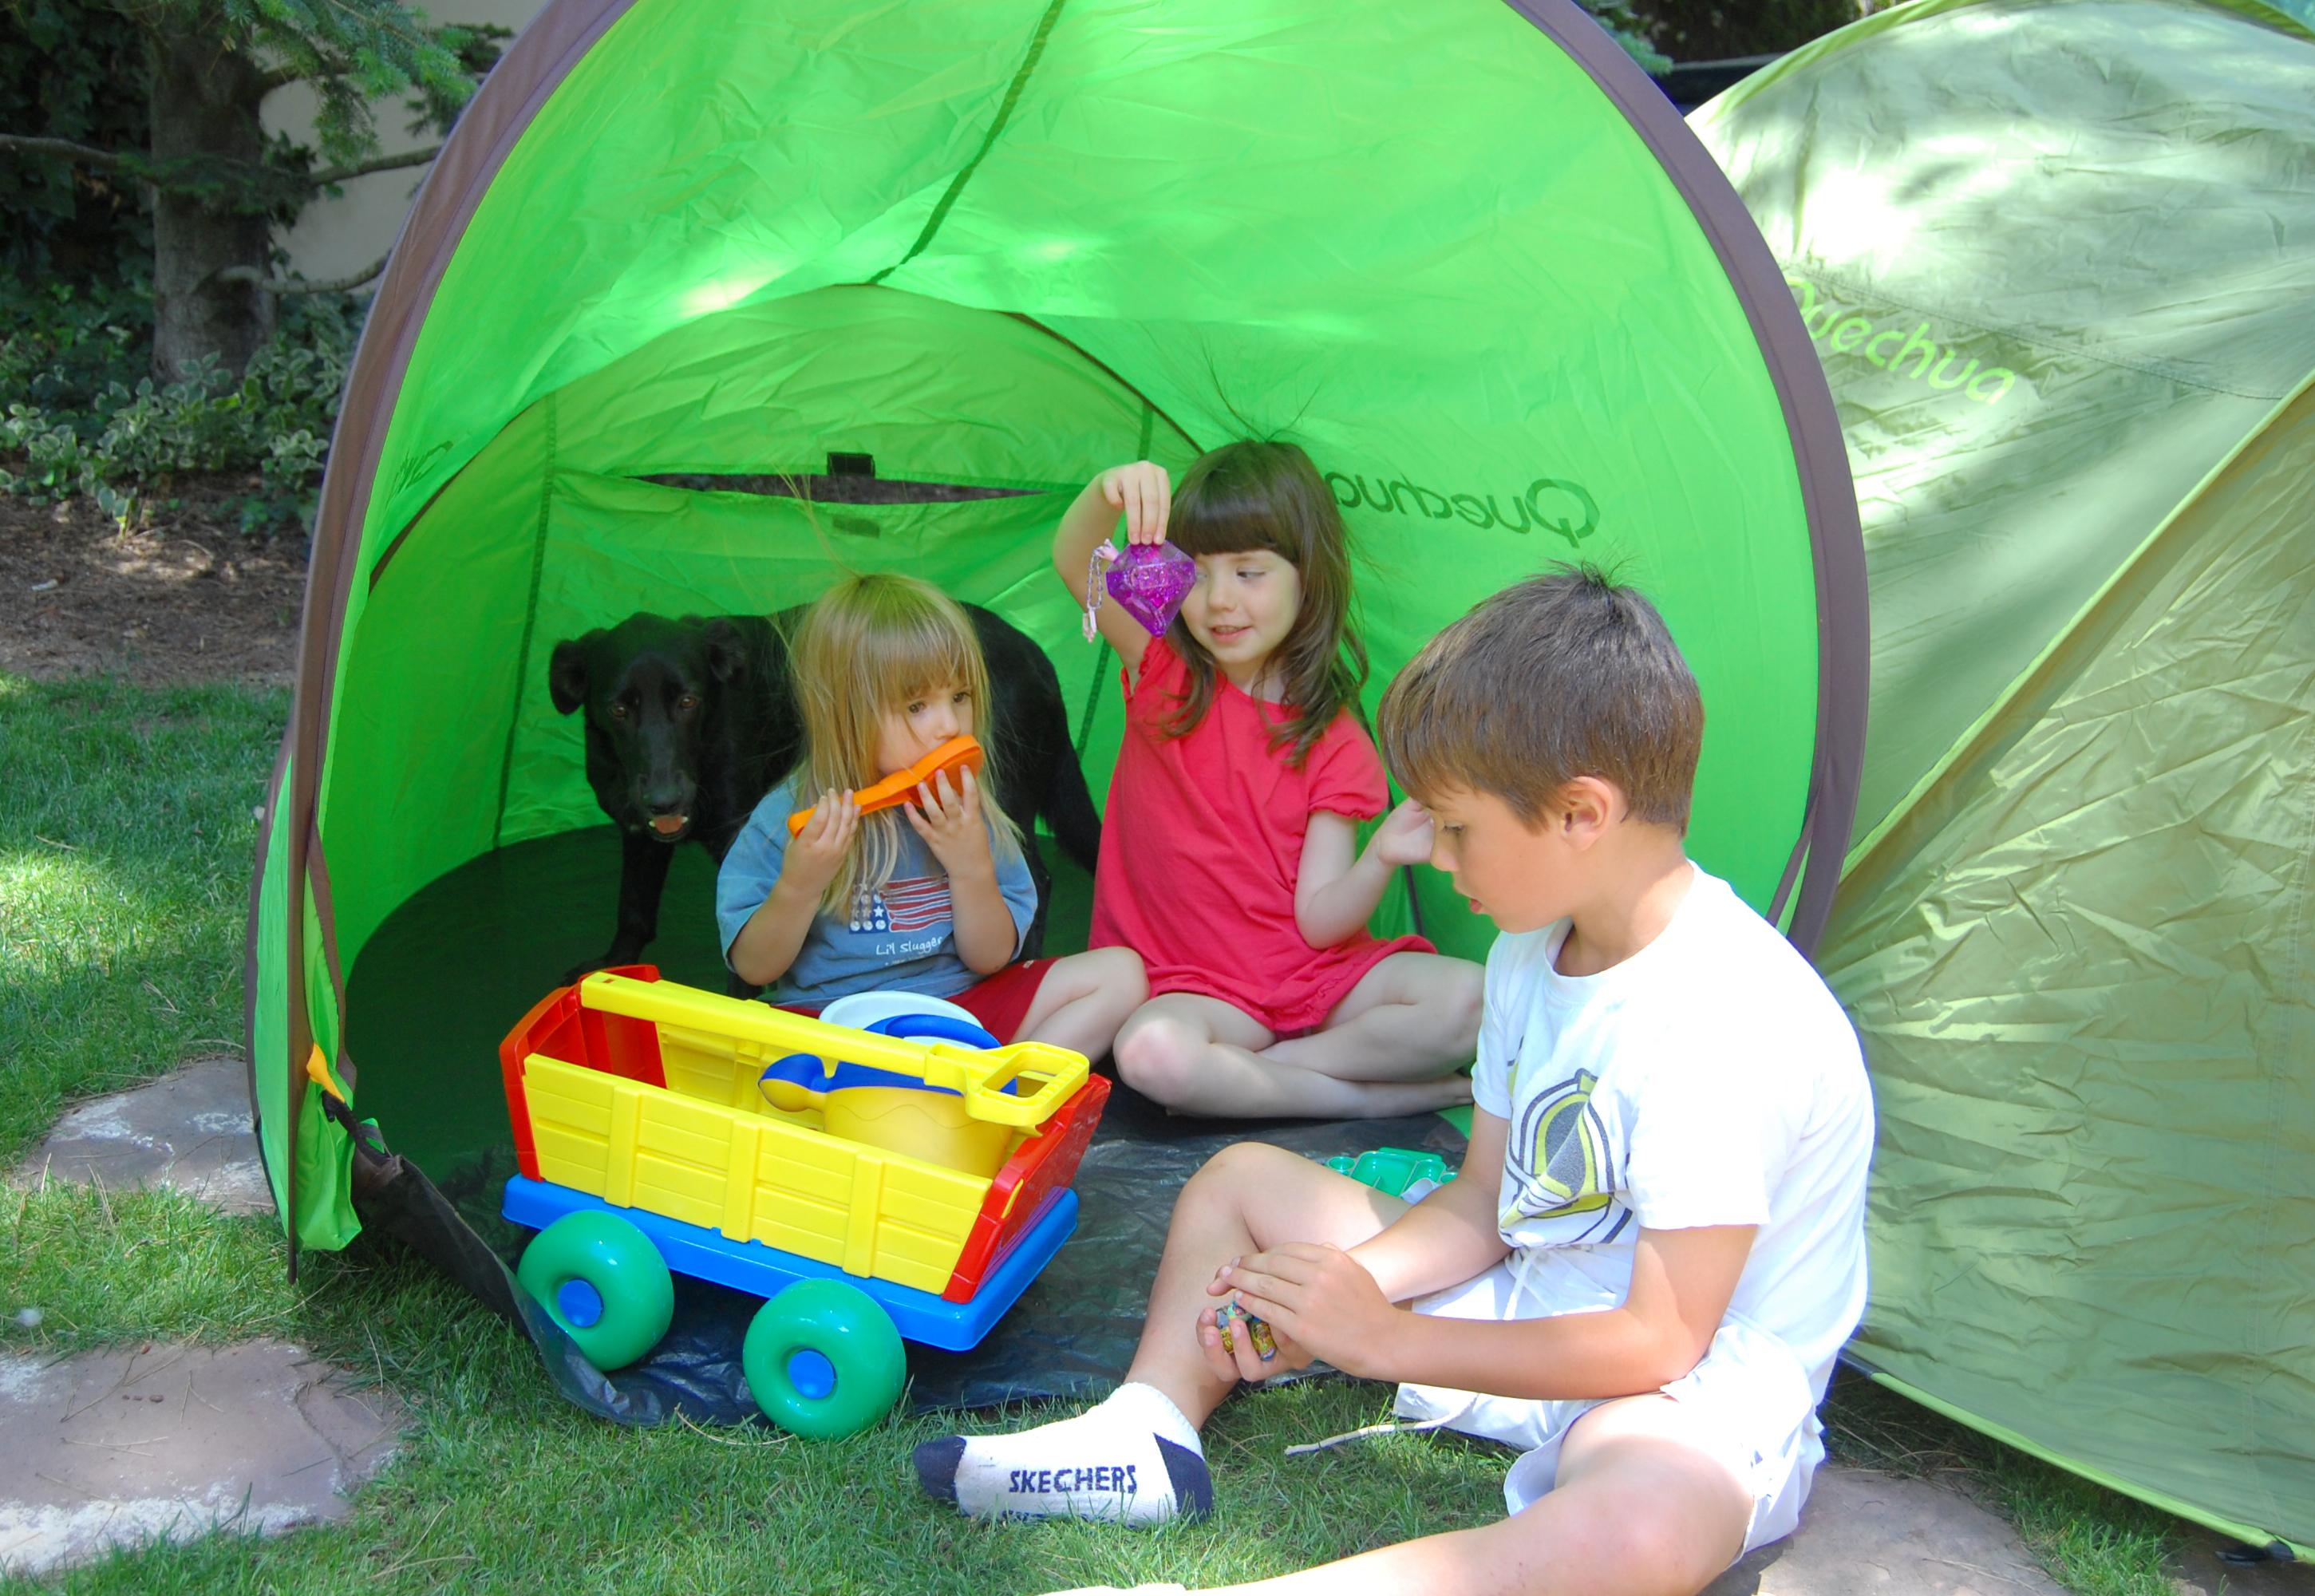 Vacaciones de verano con niños Stikets